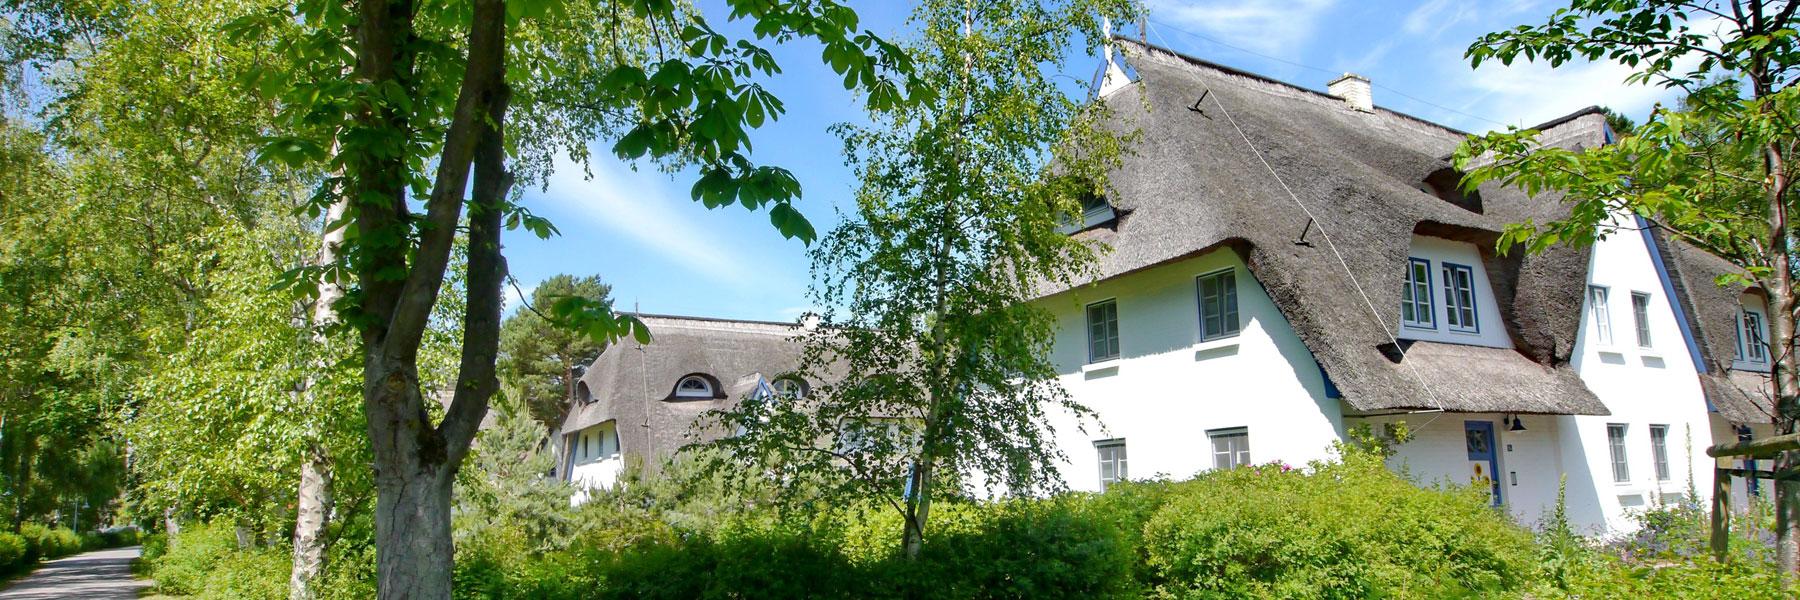 Ferienhäuser - HD Feriendomizile GbR